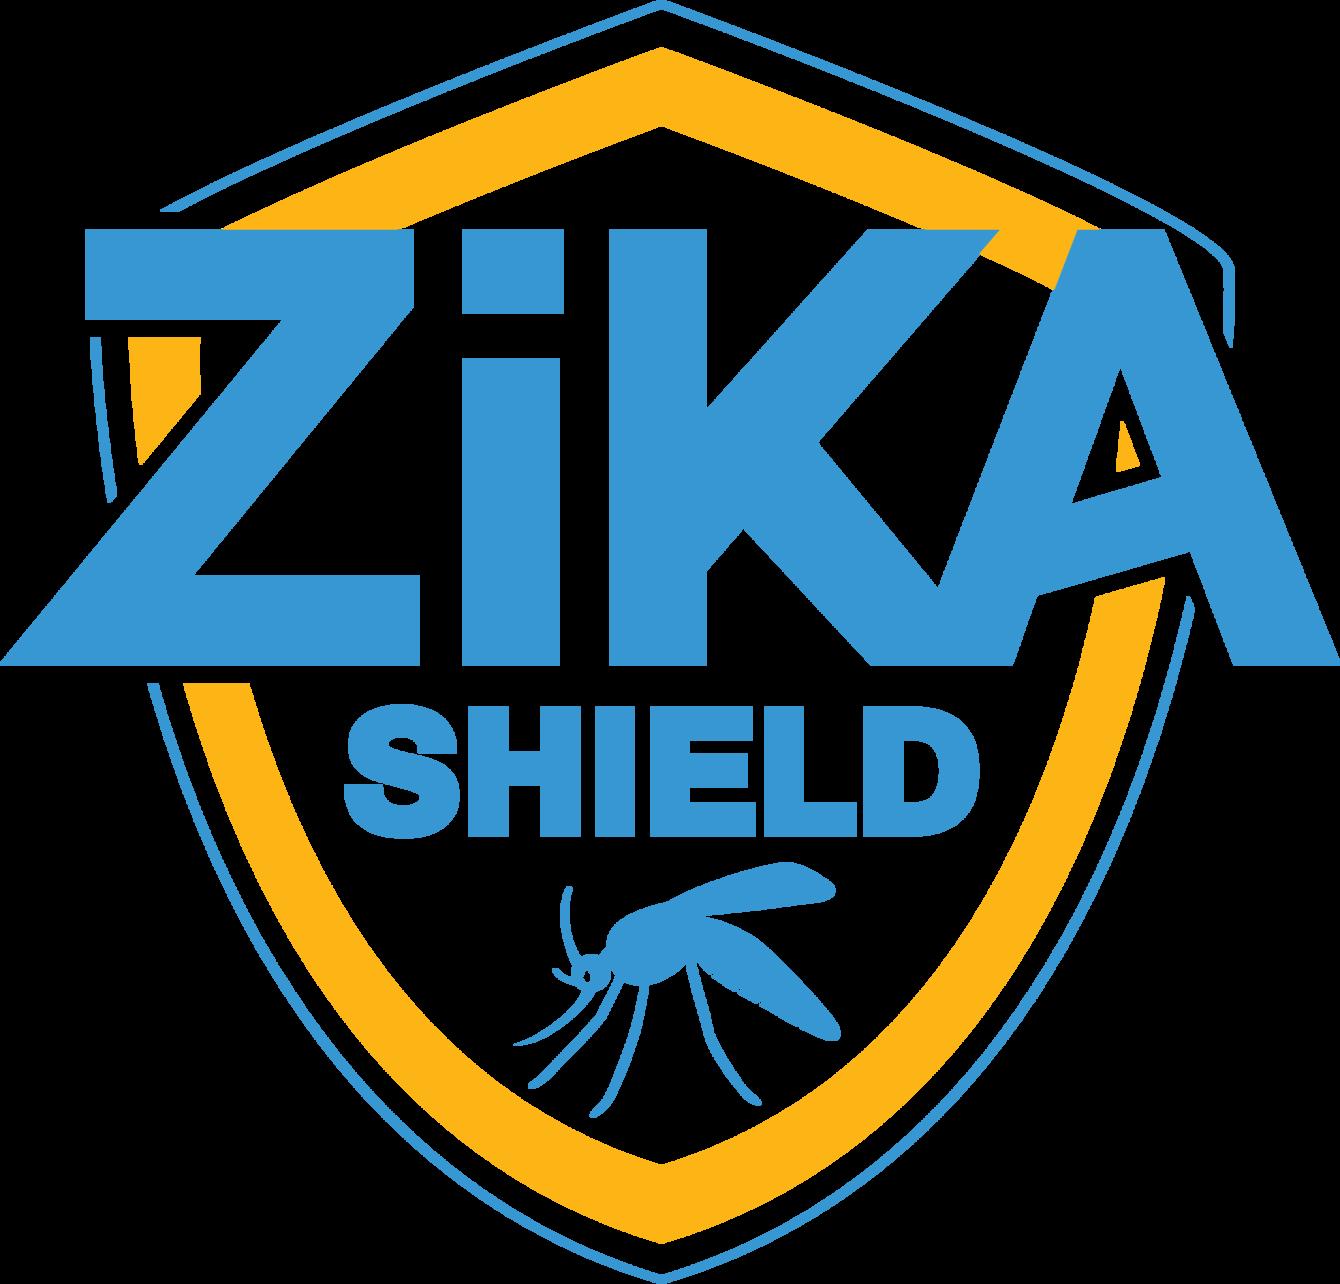 ZIKA Shield coupon codes